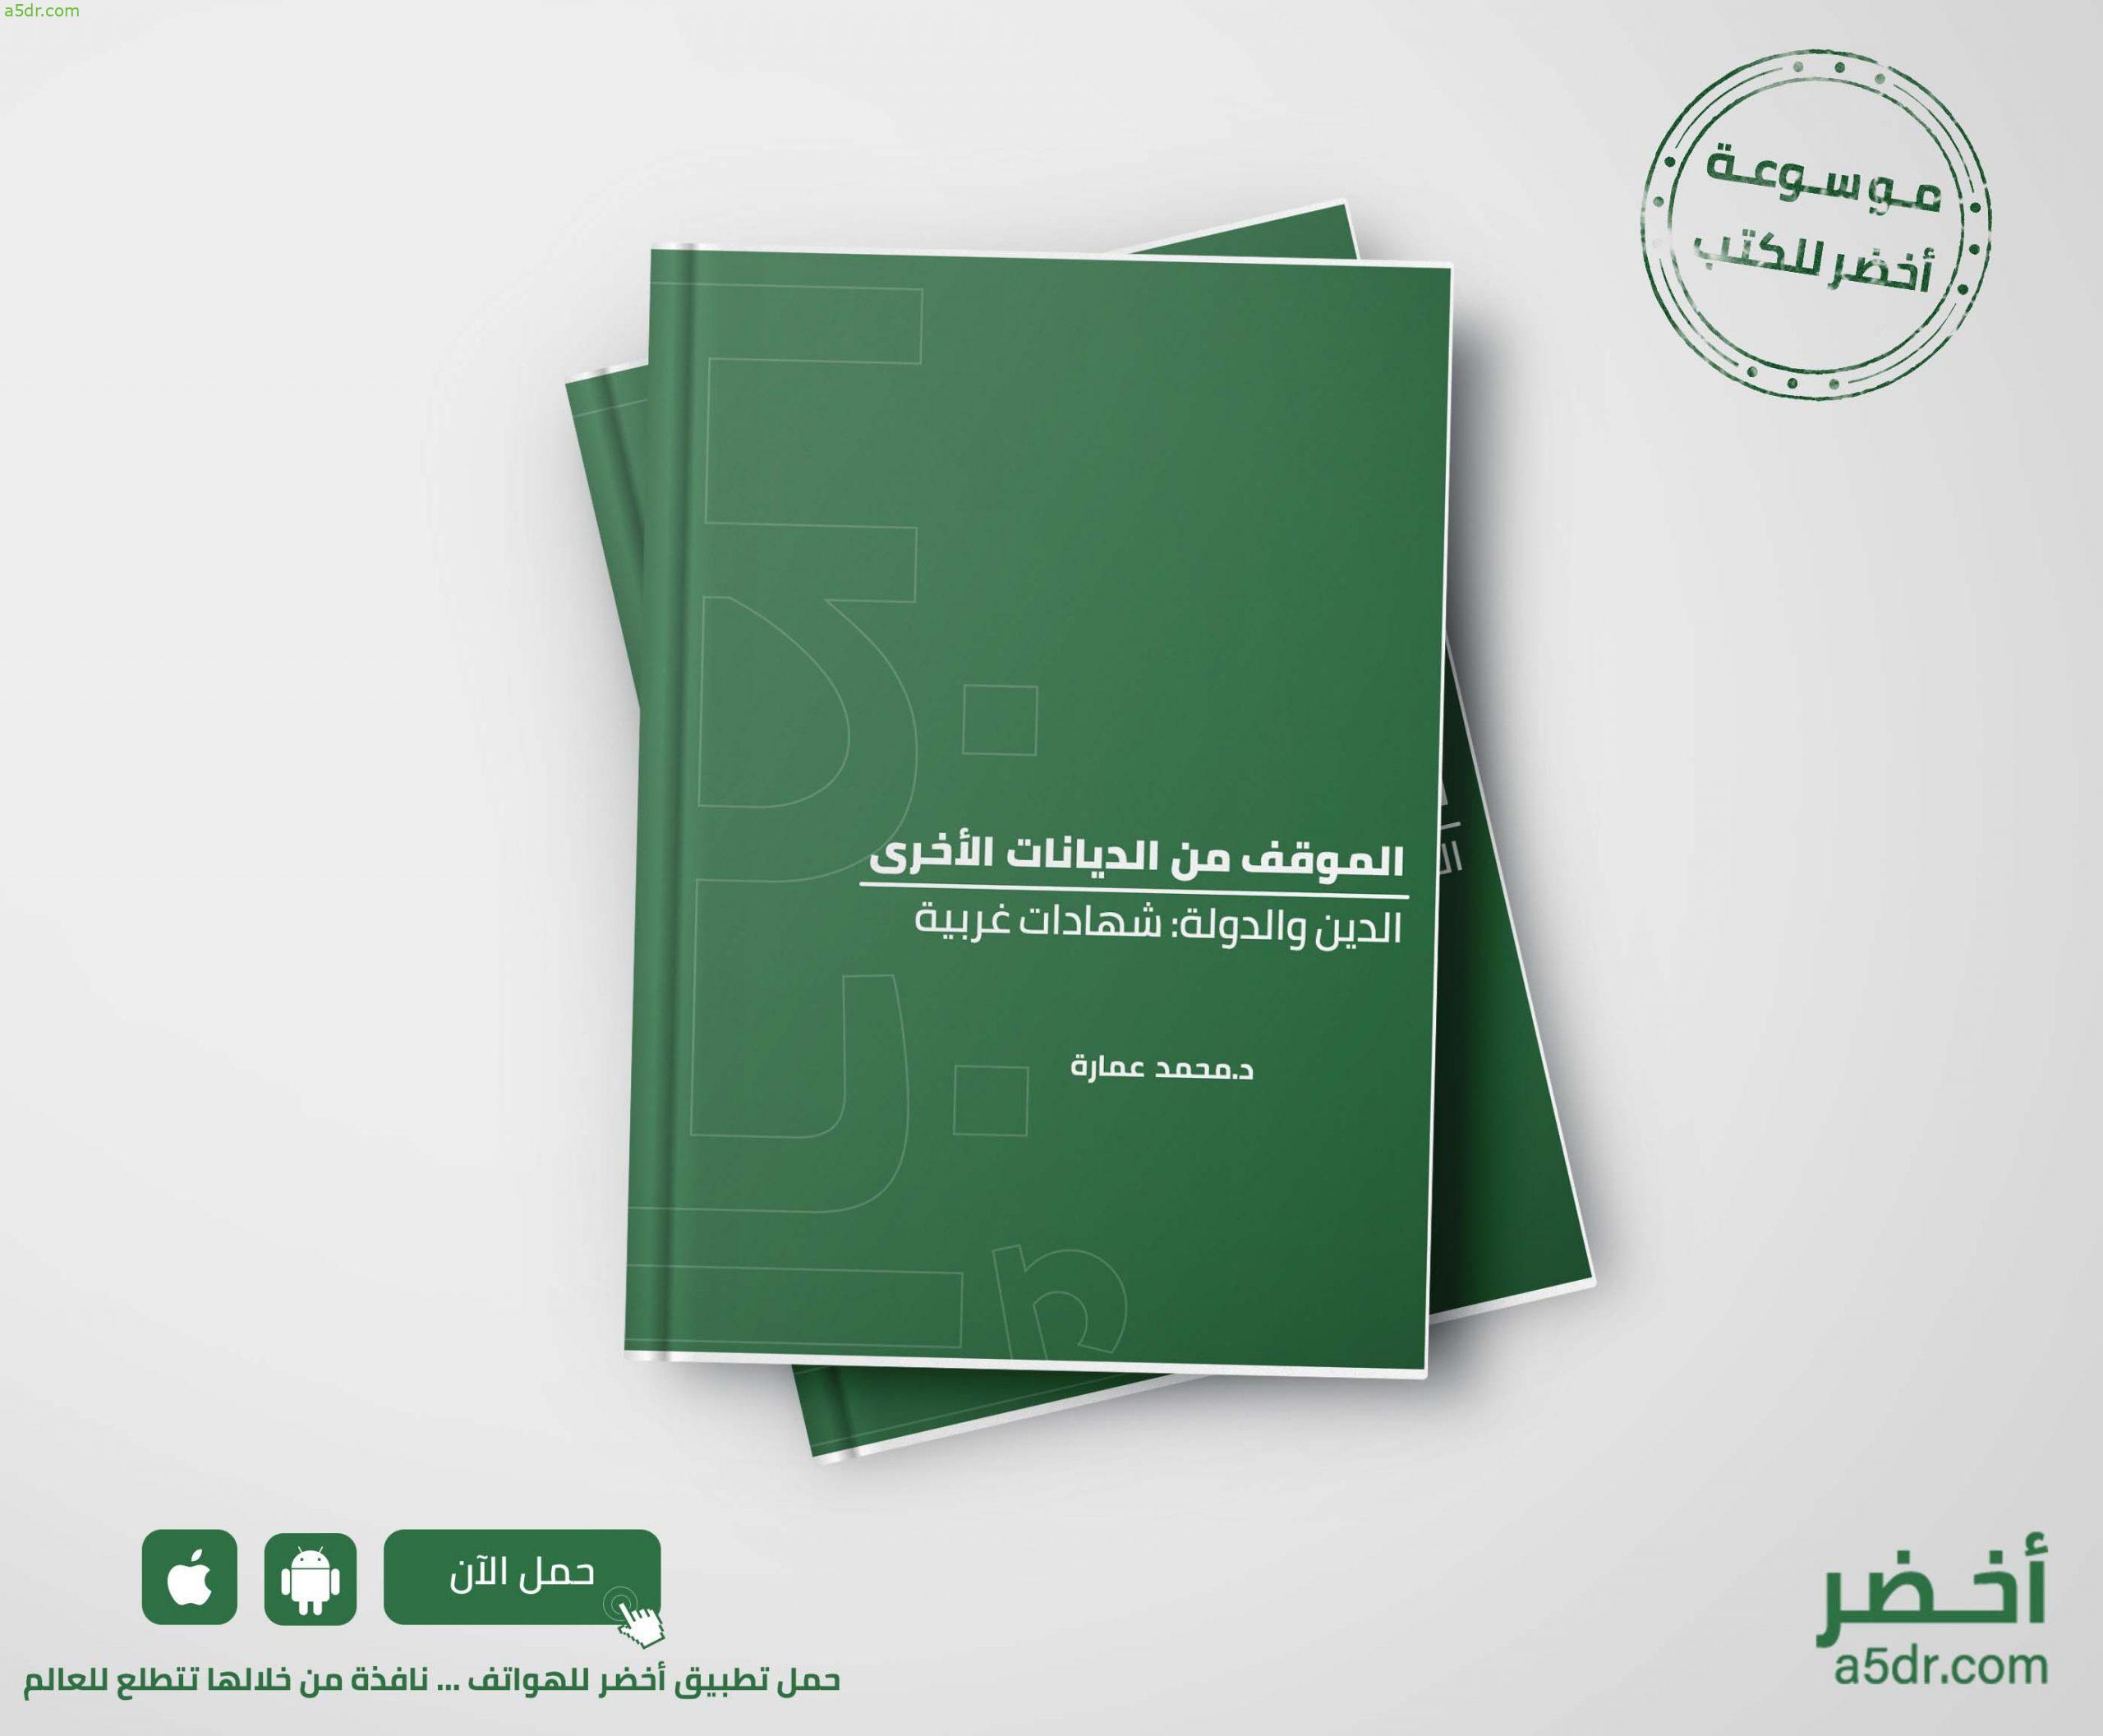 كتاب الموقف من الديانات الأخرى الدين والدولة: شهادات غربية - محمد عمارة